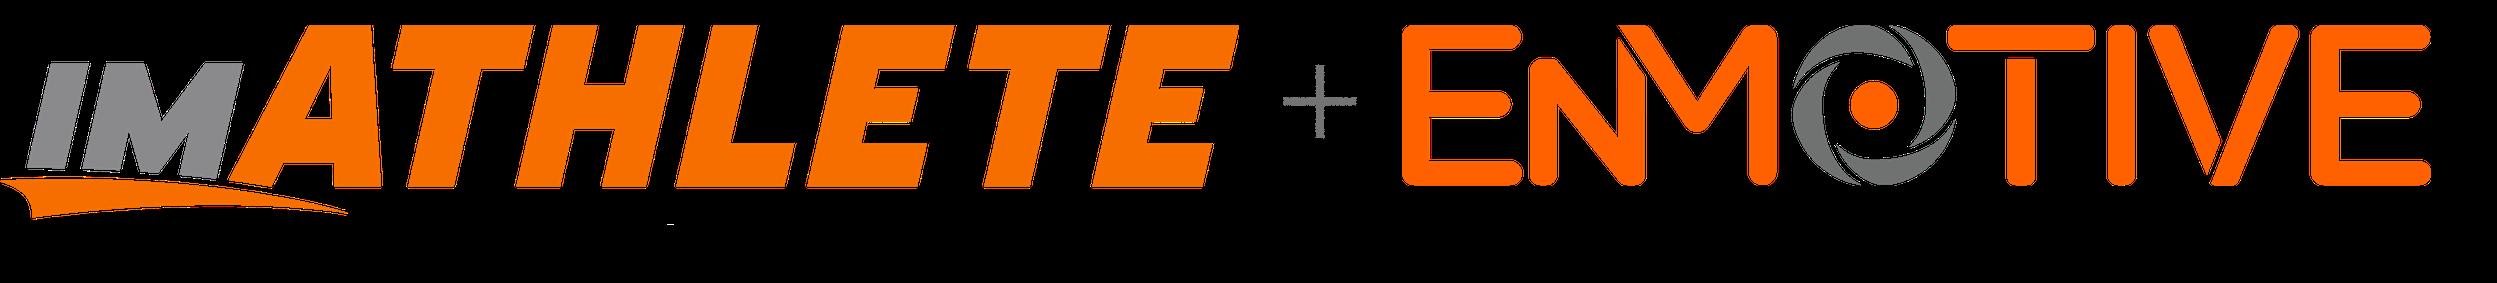 imATHLETE + EnMotive logo Transparent